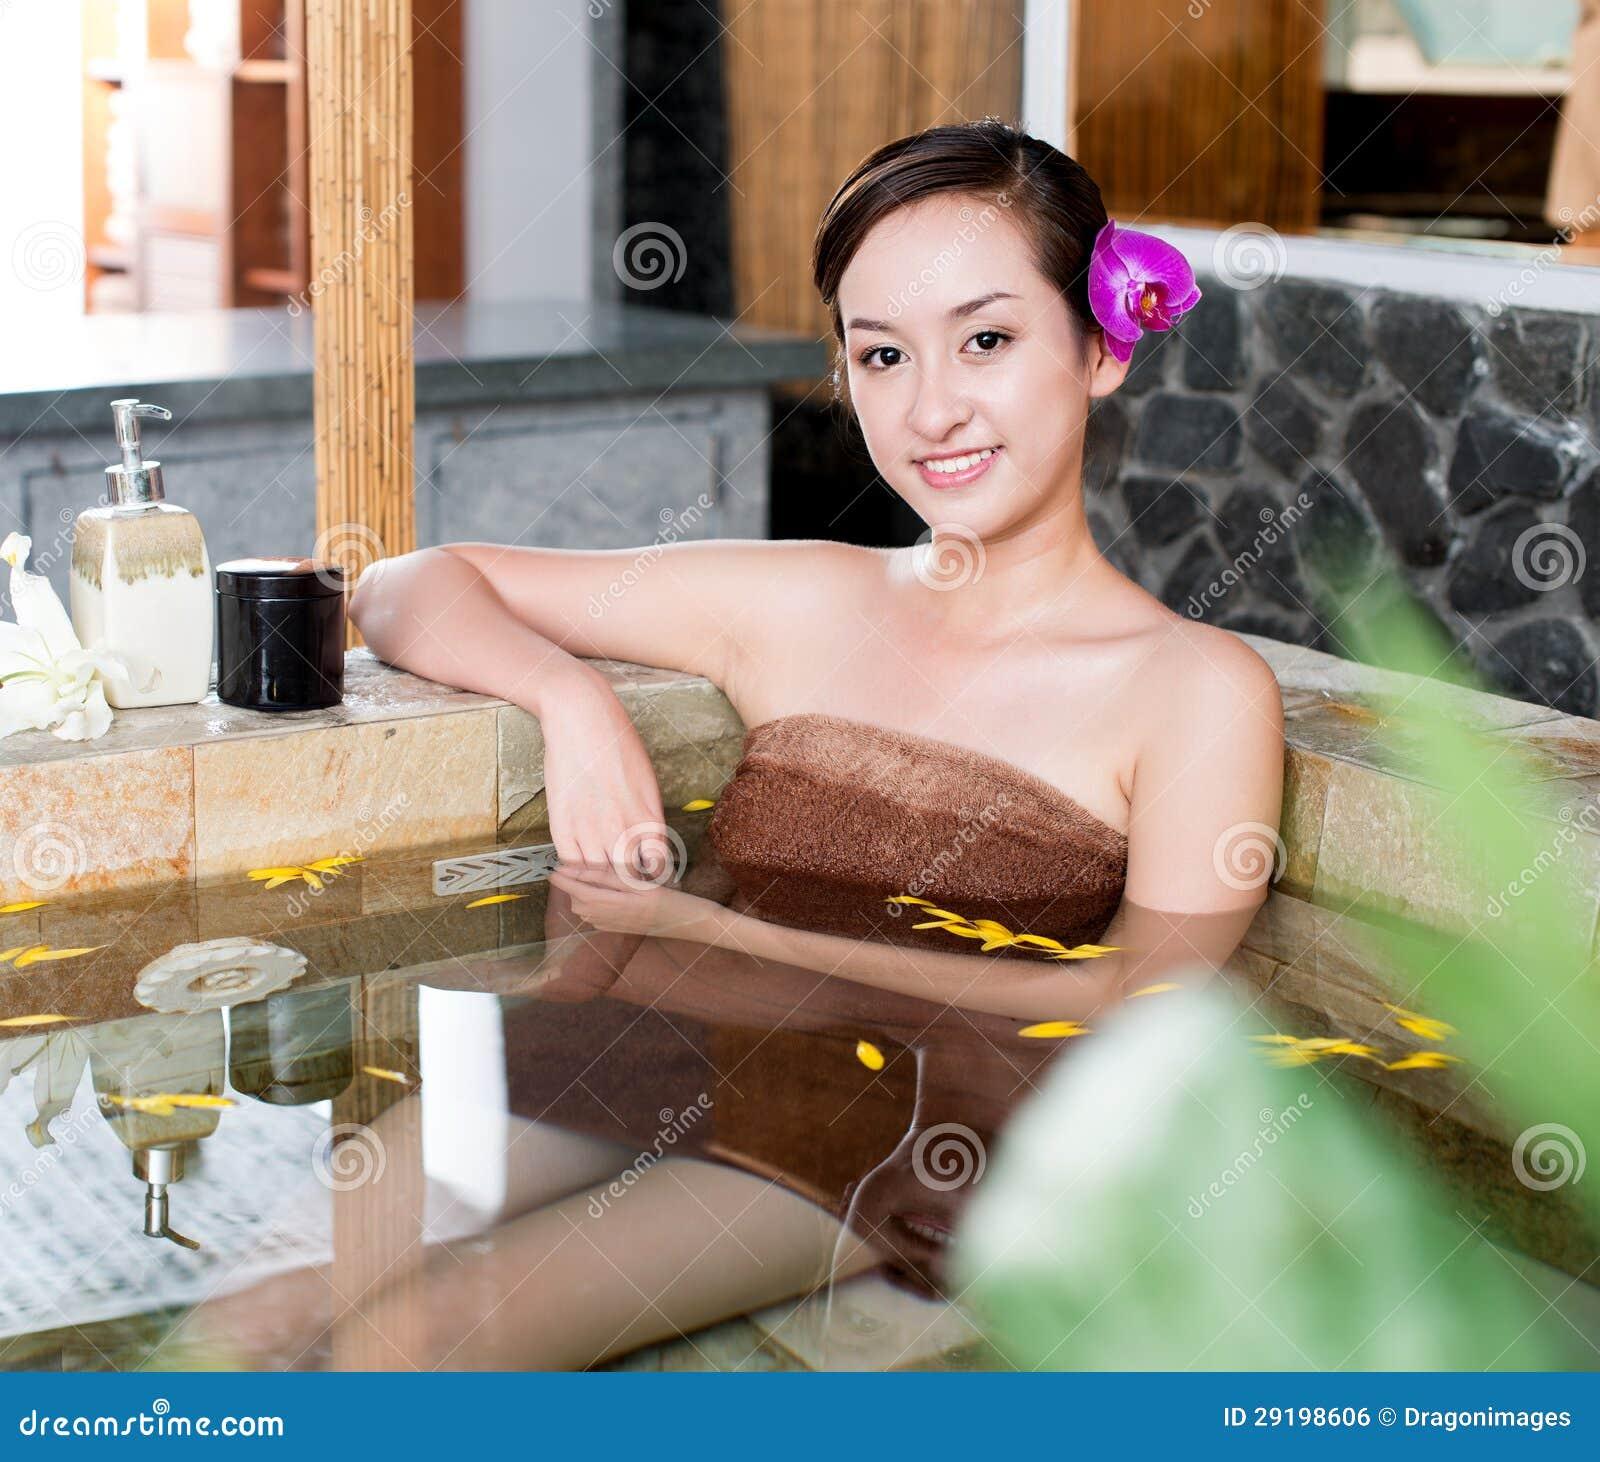 Лежа в ванне фото фото 601-50